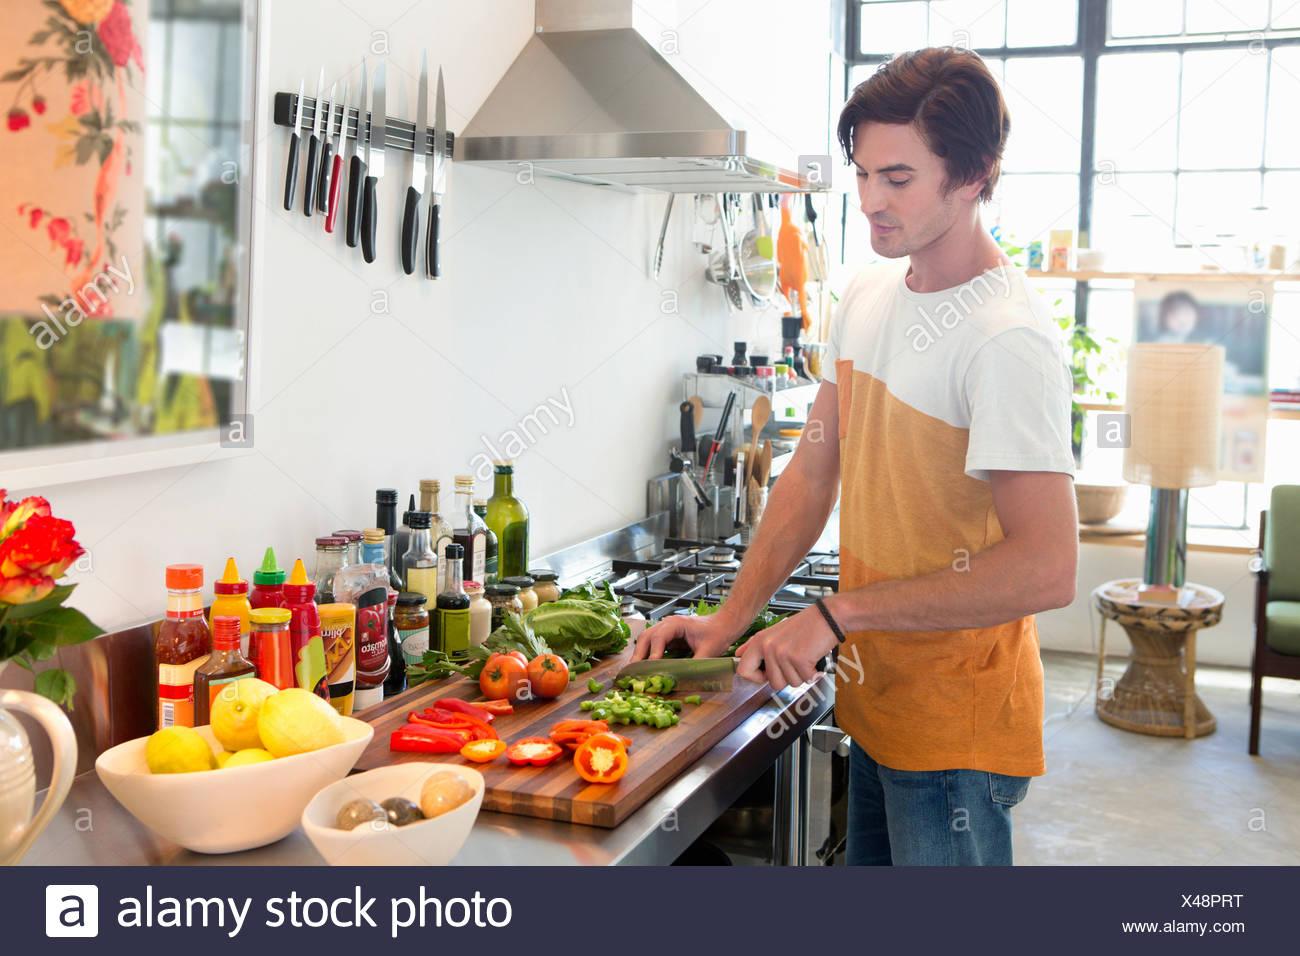 Ziemlich Hacken Chop Küche Zeitgenössisch - Ideen Für Die Küche ...